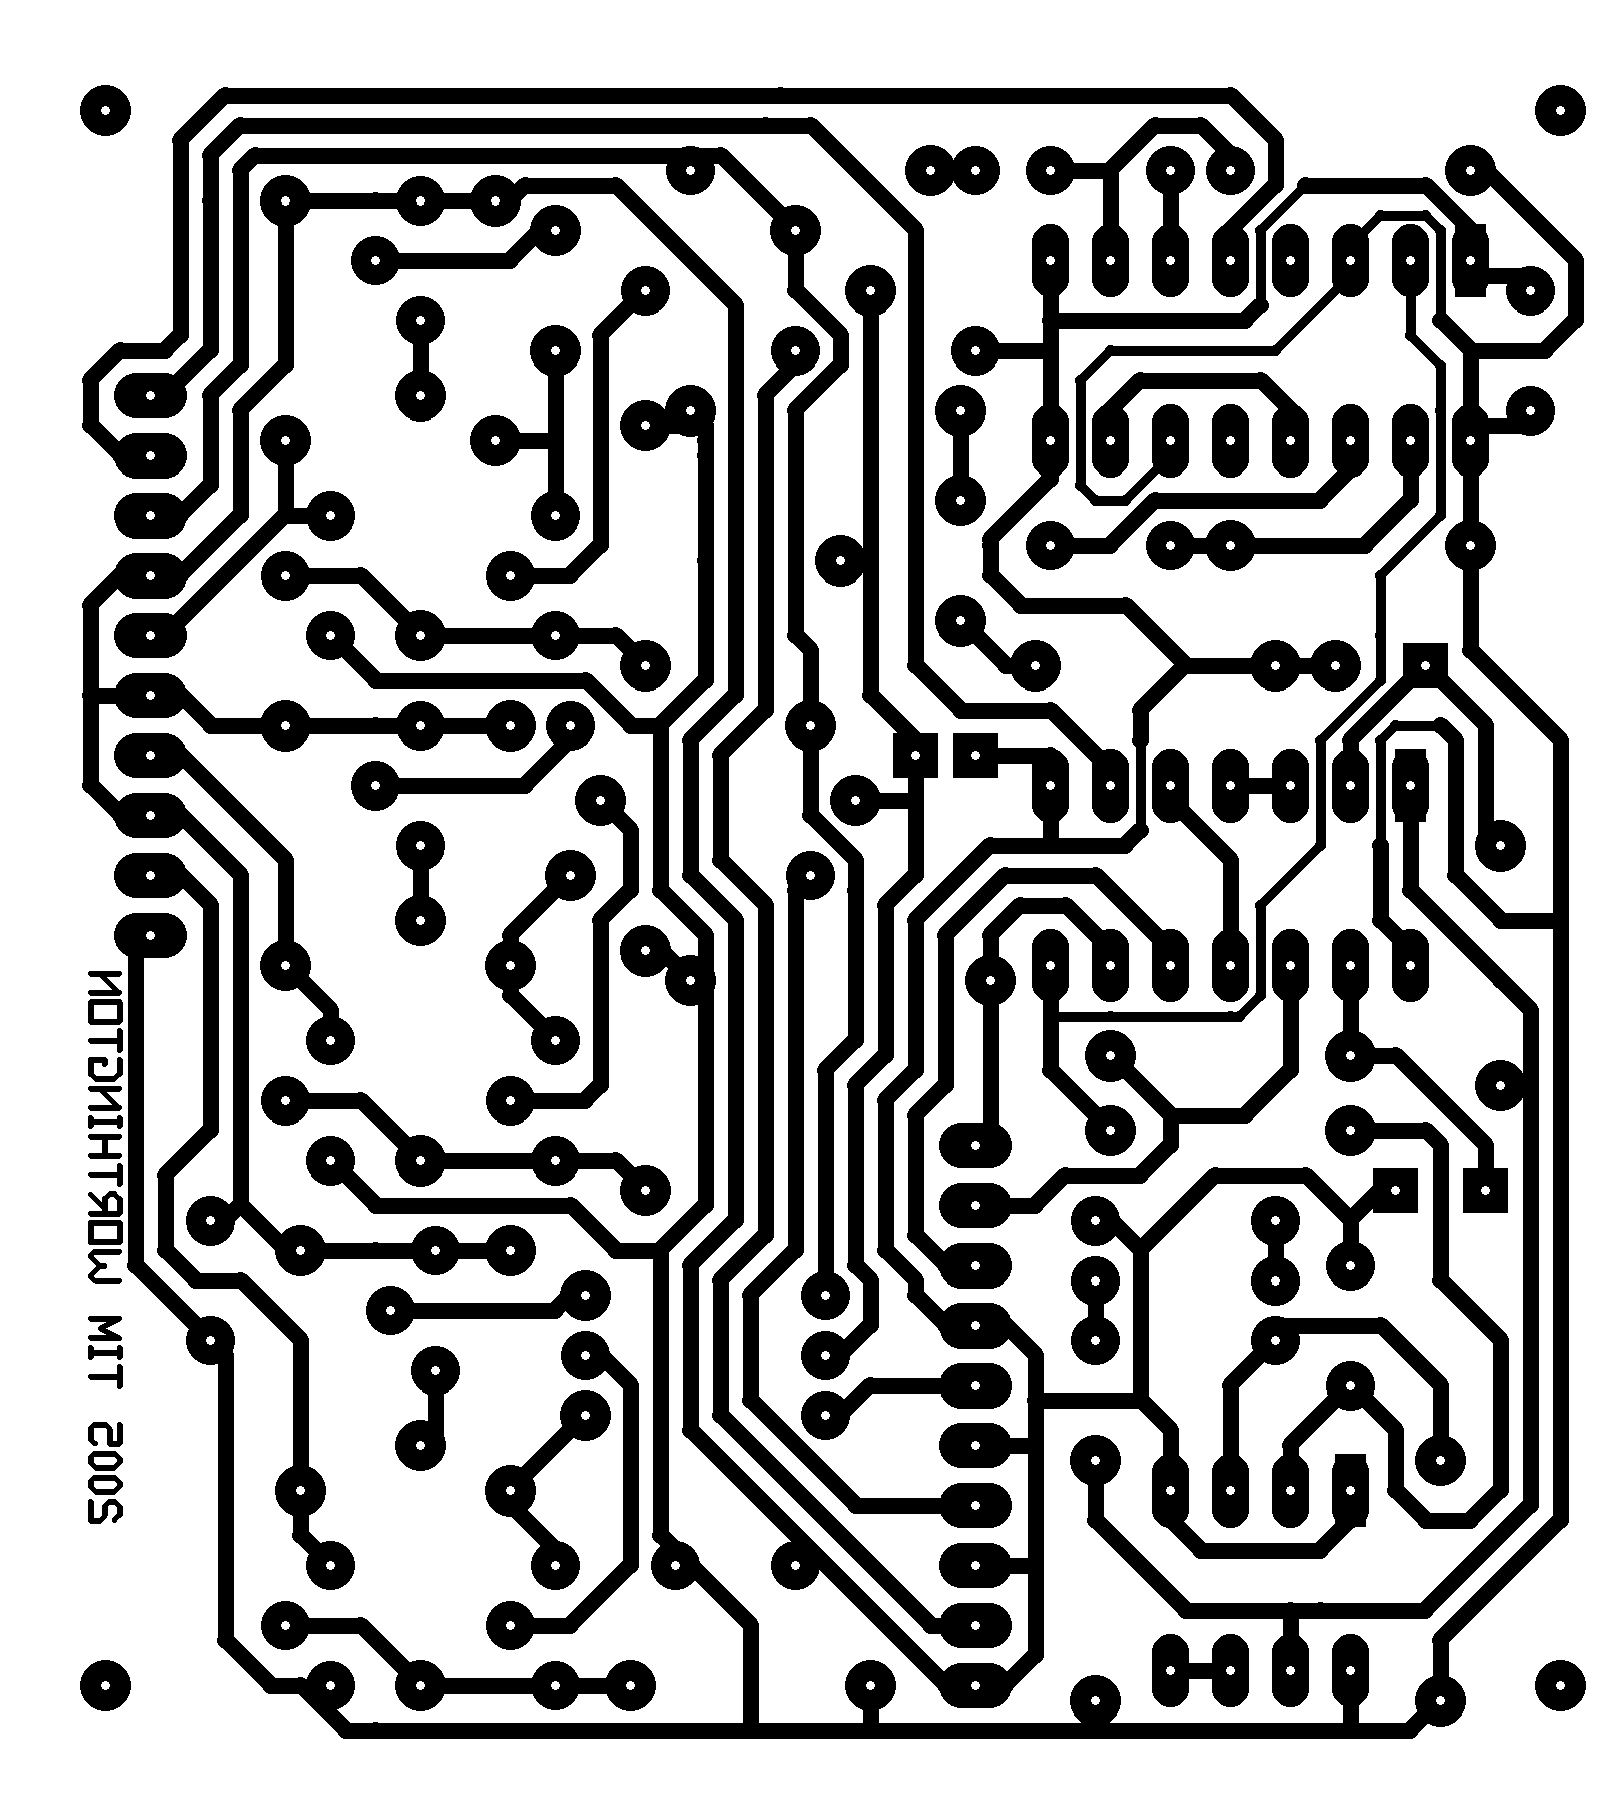 Pcb Design Pcb Design Circuit Board Connectedness